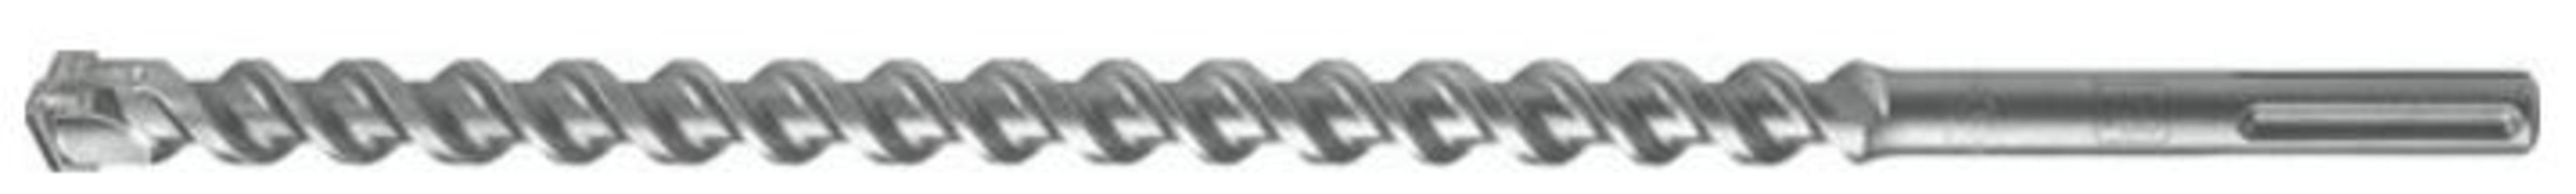 Poranterä SDS-max 570 x 450 mm, Alpen - Poranterä SDS-max, koko Ø 32,00 mm